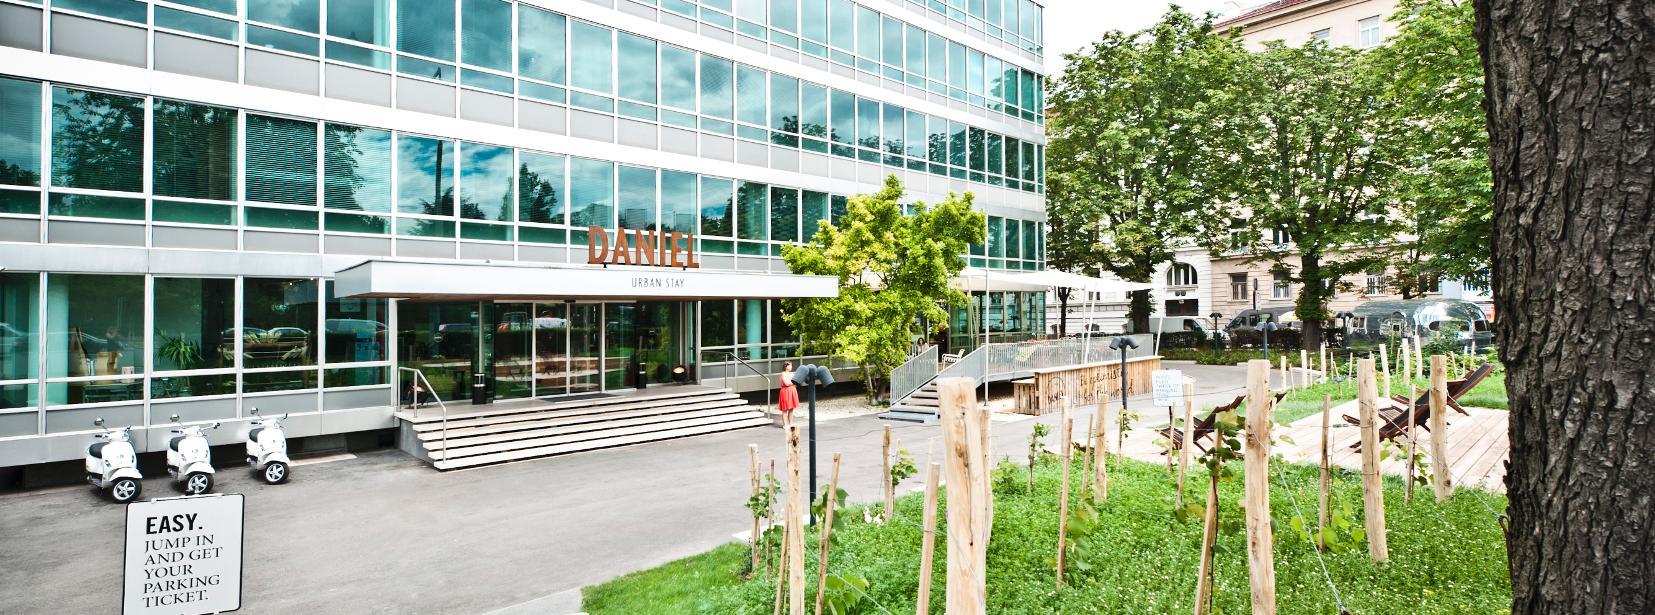 Hotel Daniel Vienna Vienna Mycityhighlight